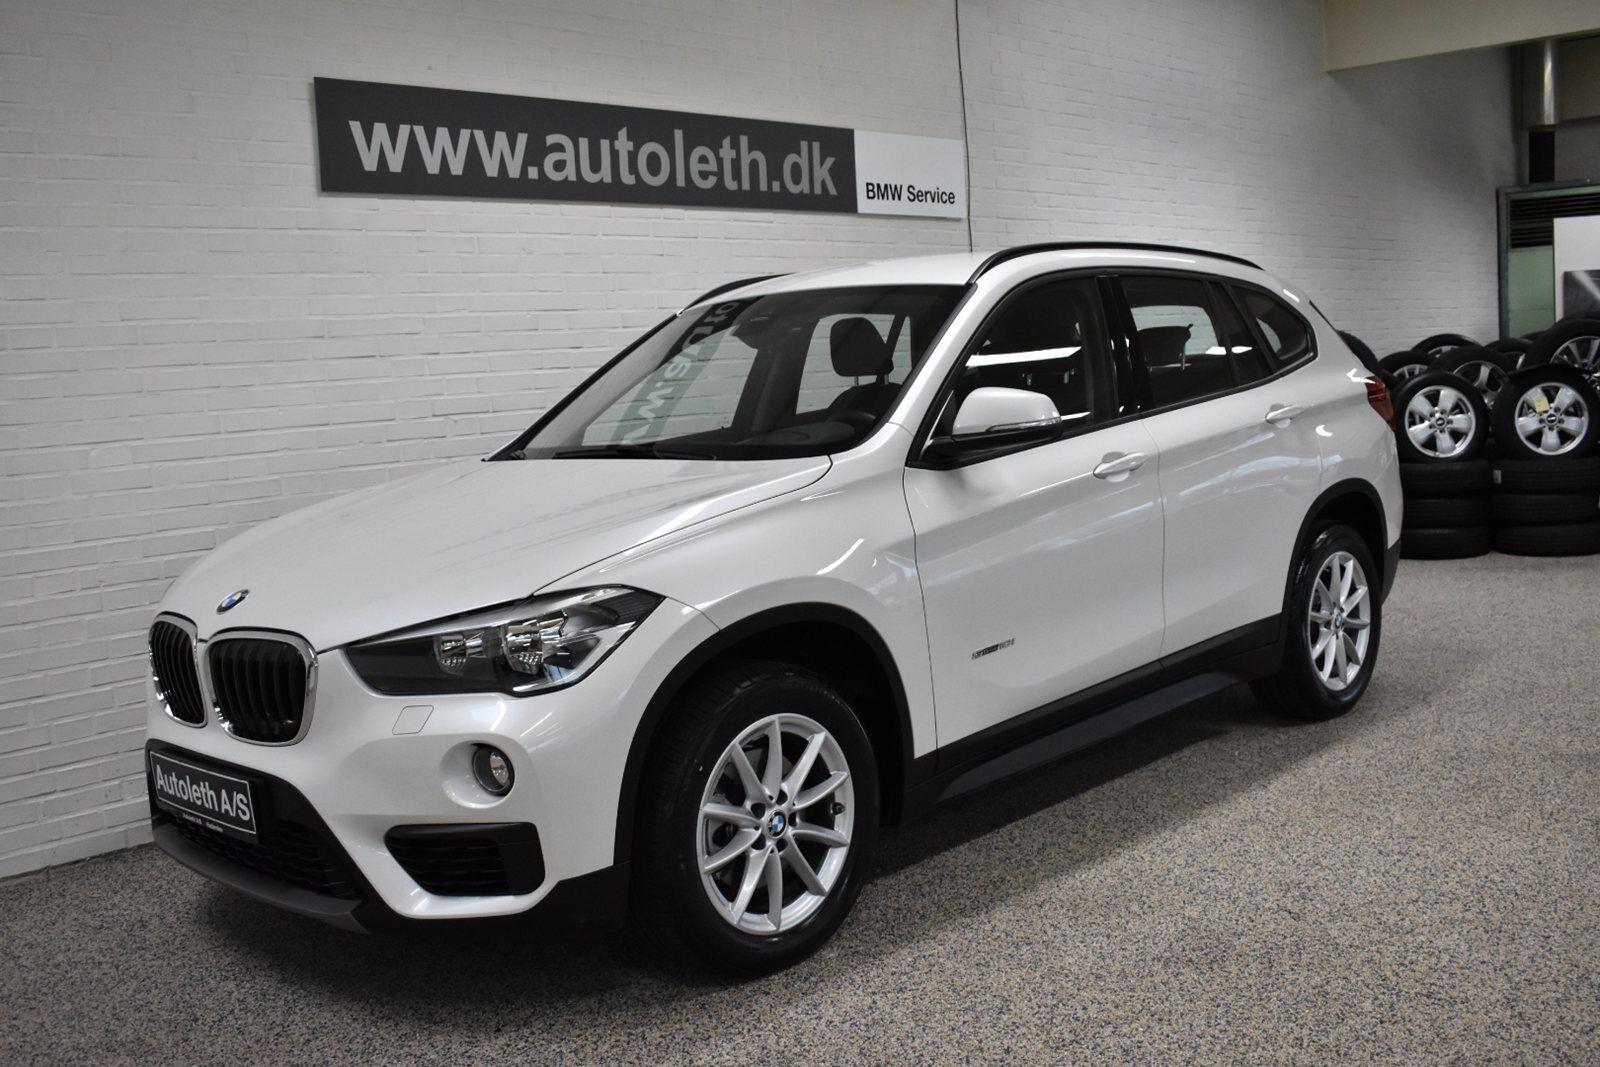 BMW X1 1,5 sDrive18i aut. 5d - 359.900 kr.